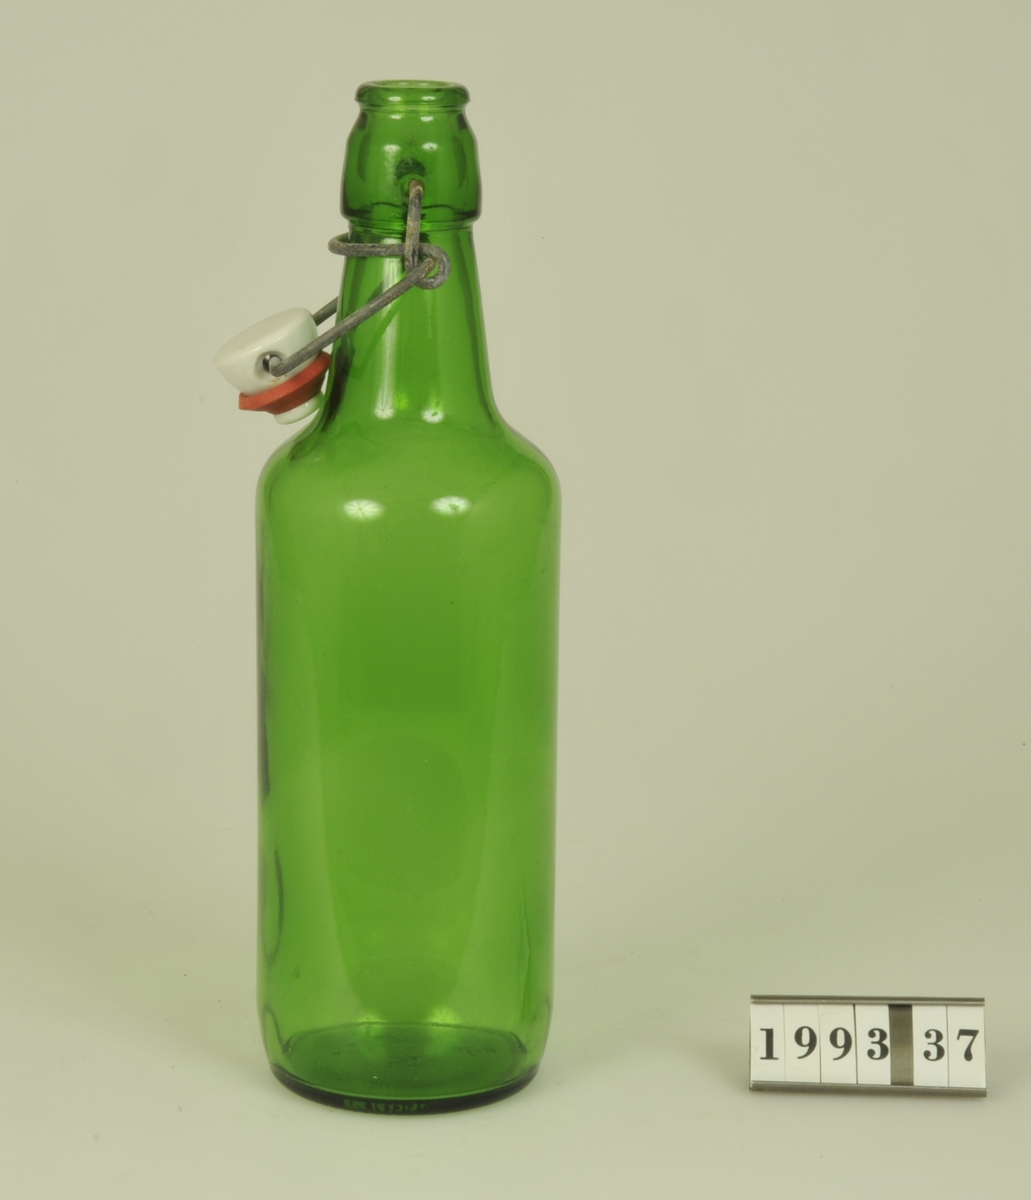 Grönt glas, vit porslinskapsyl och gummiring. I botten märkt: IMB 0,5 L